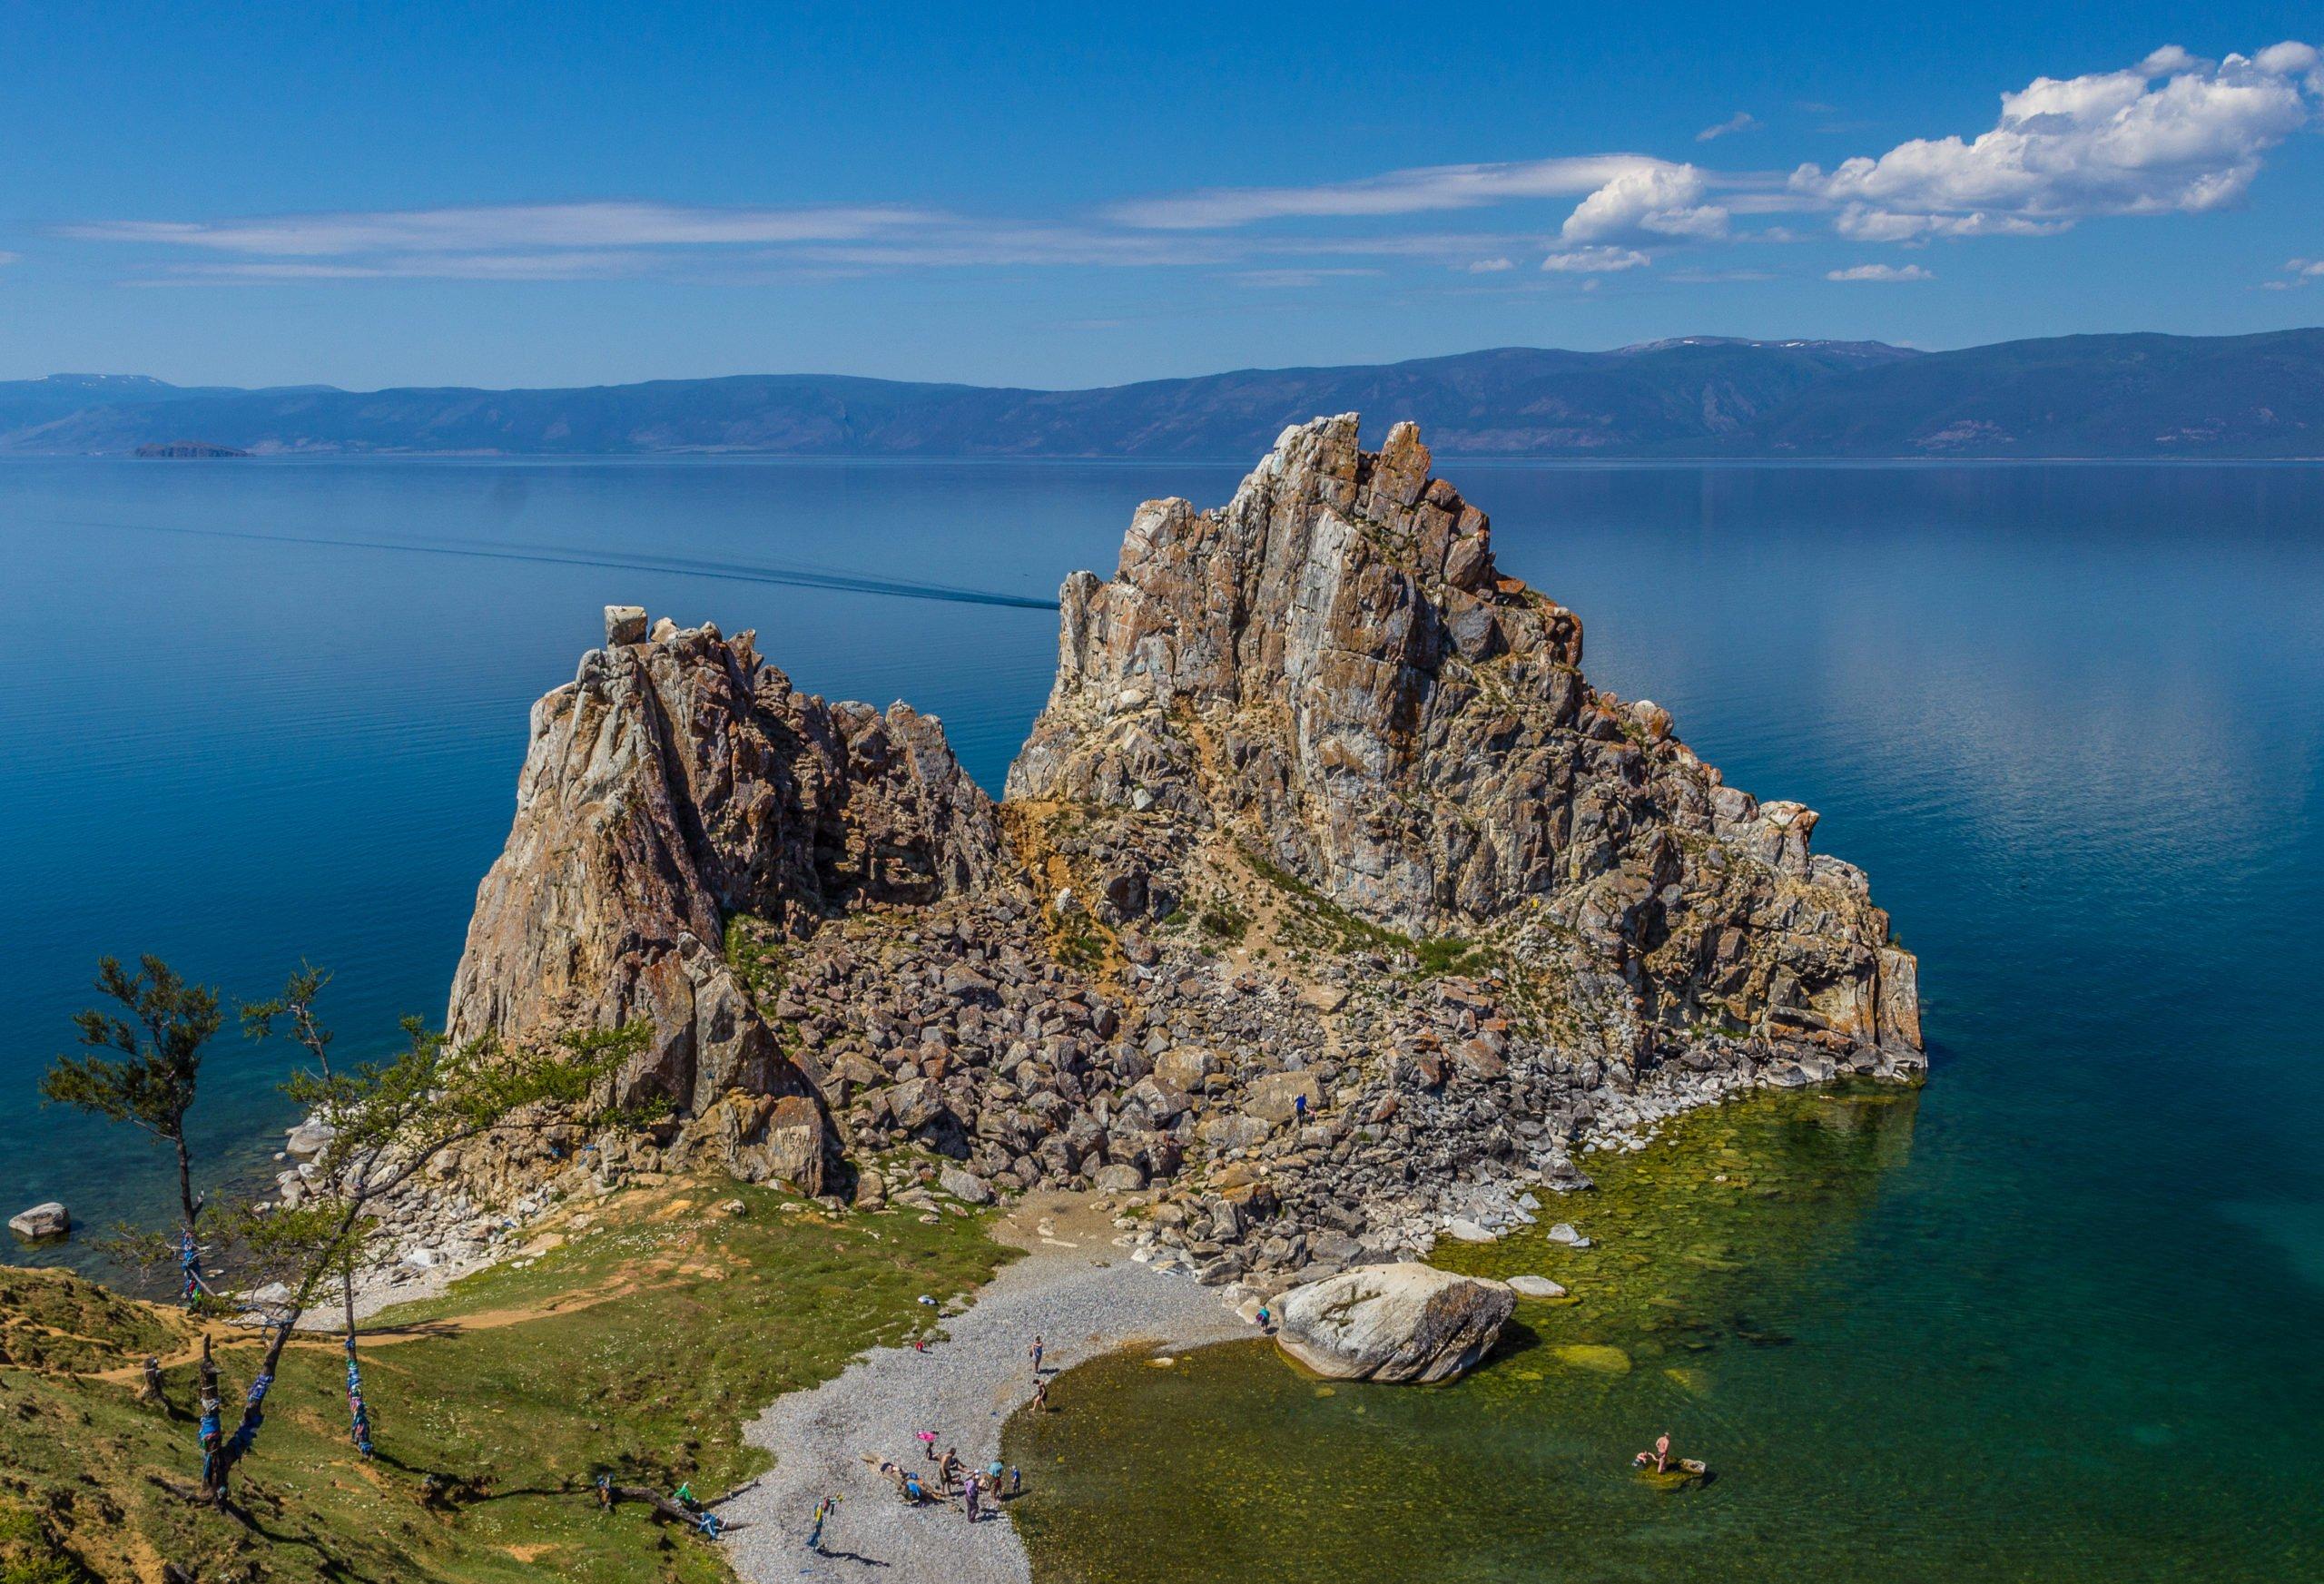 Putovanje Rusija - Bajkalsko jezero (9)